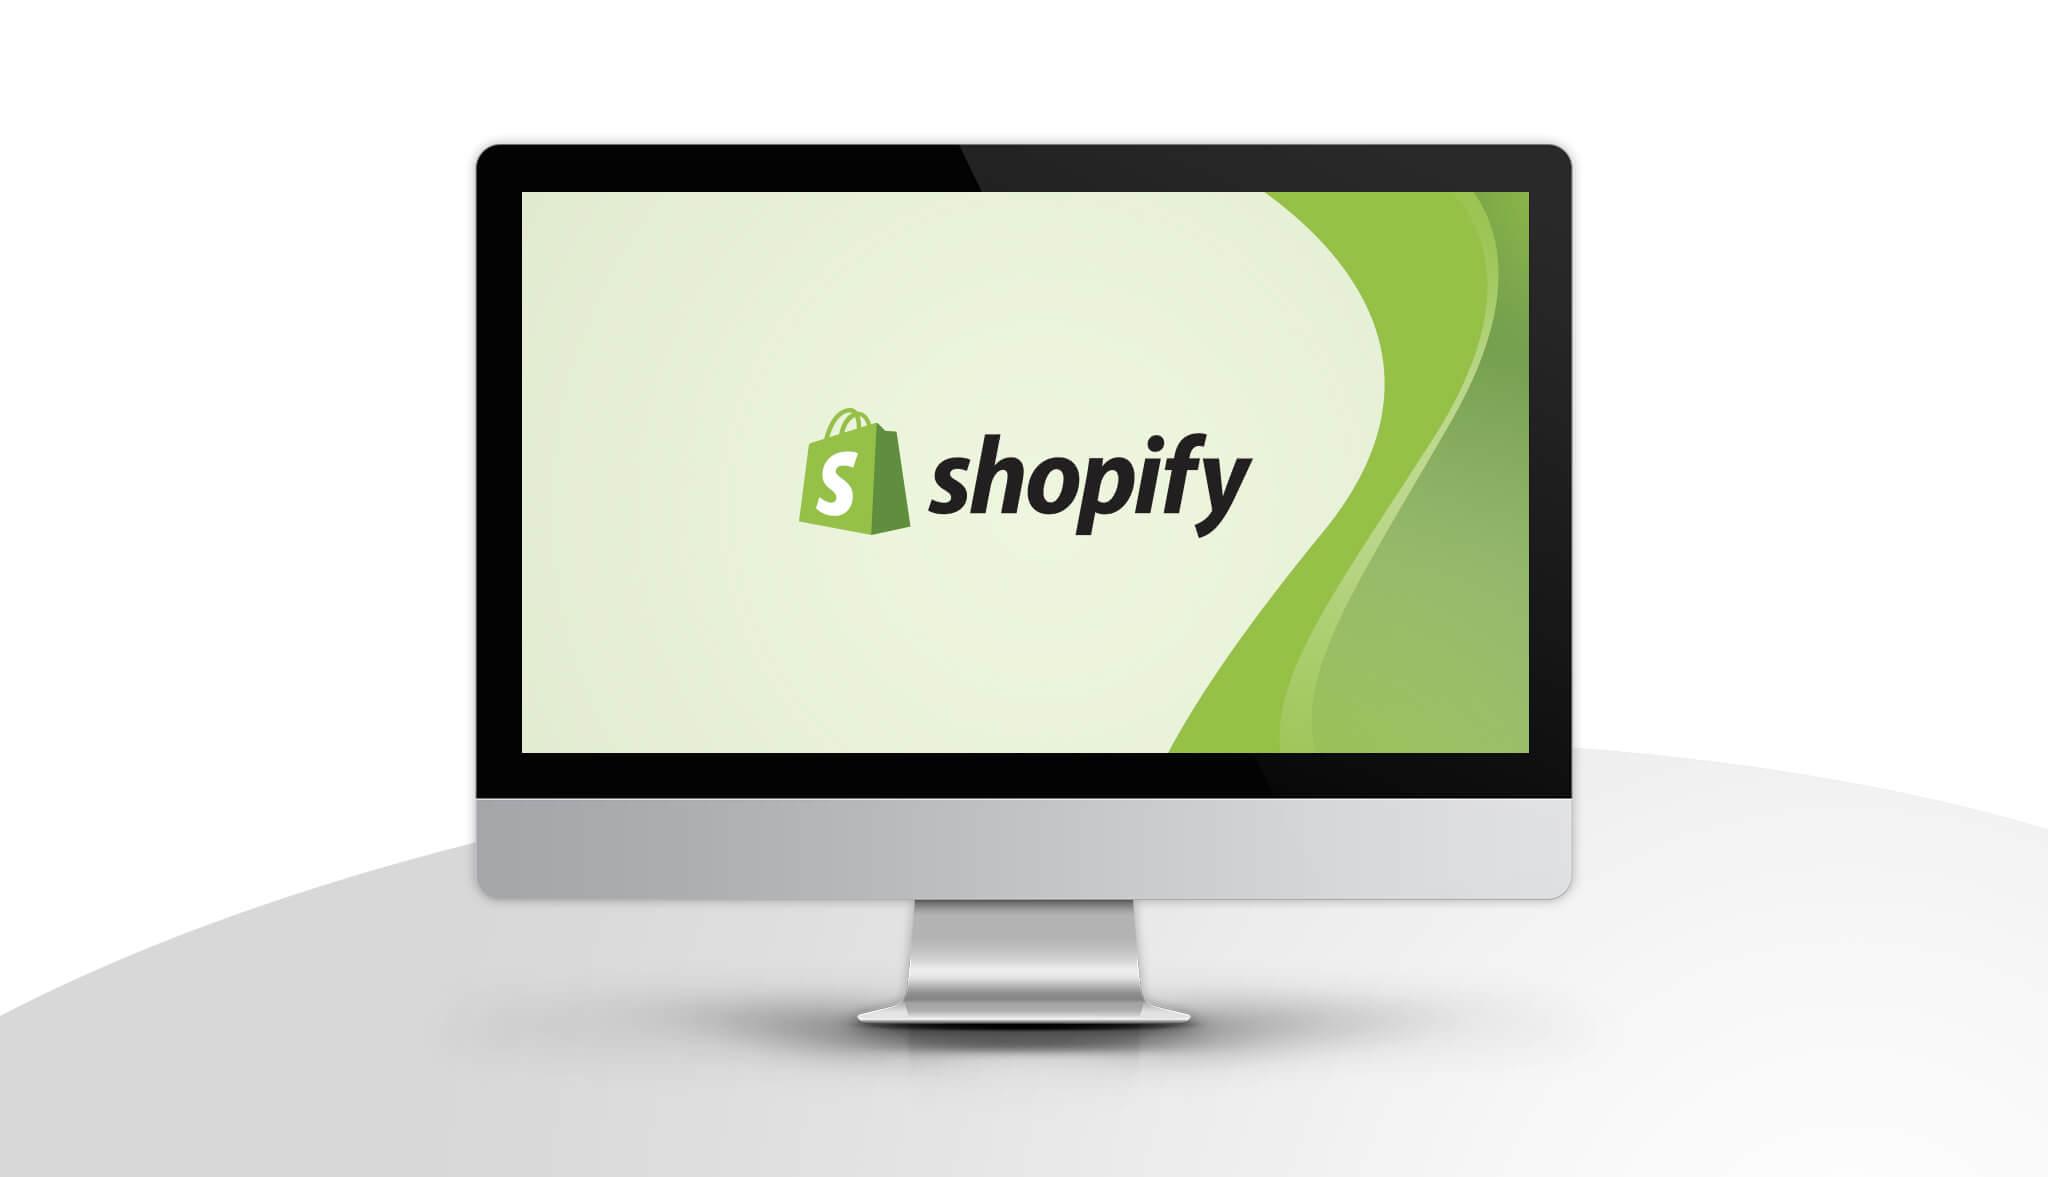 confetti design shopify computer